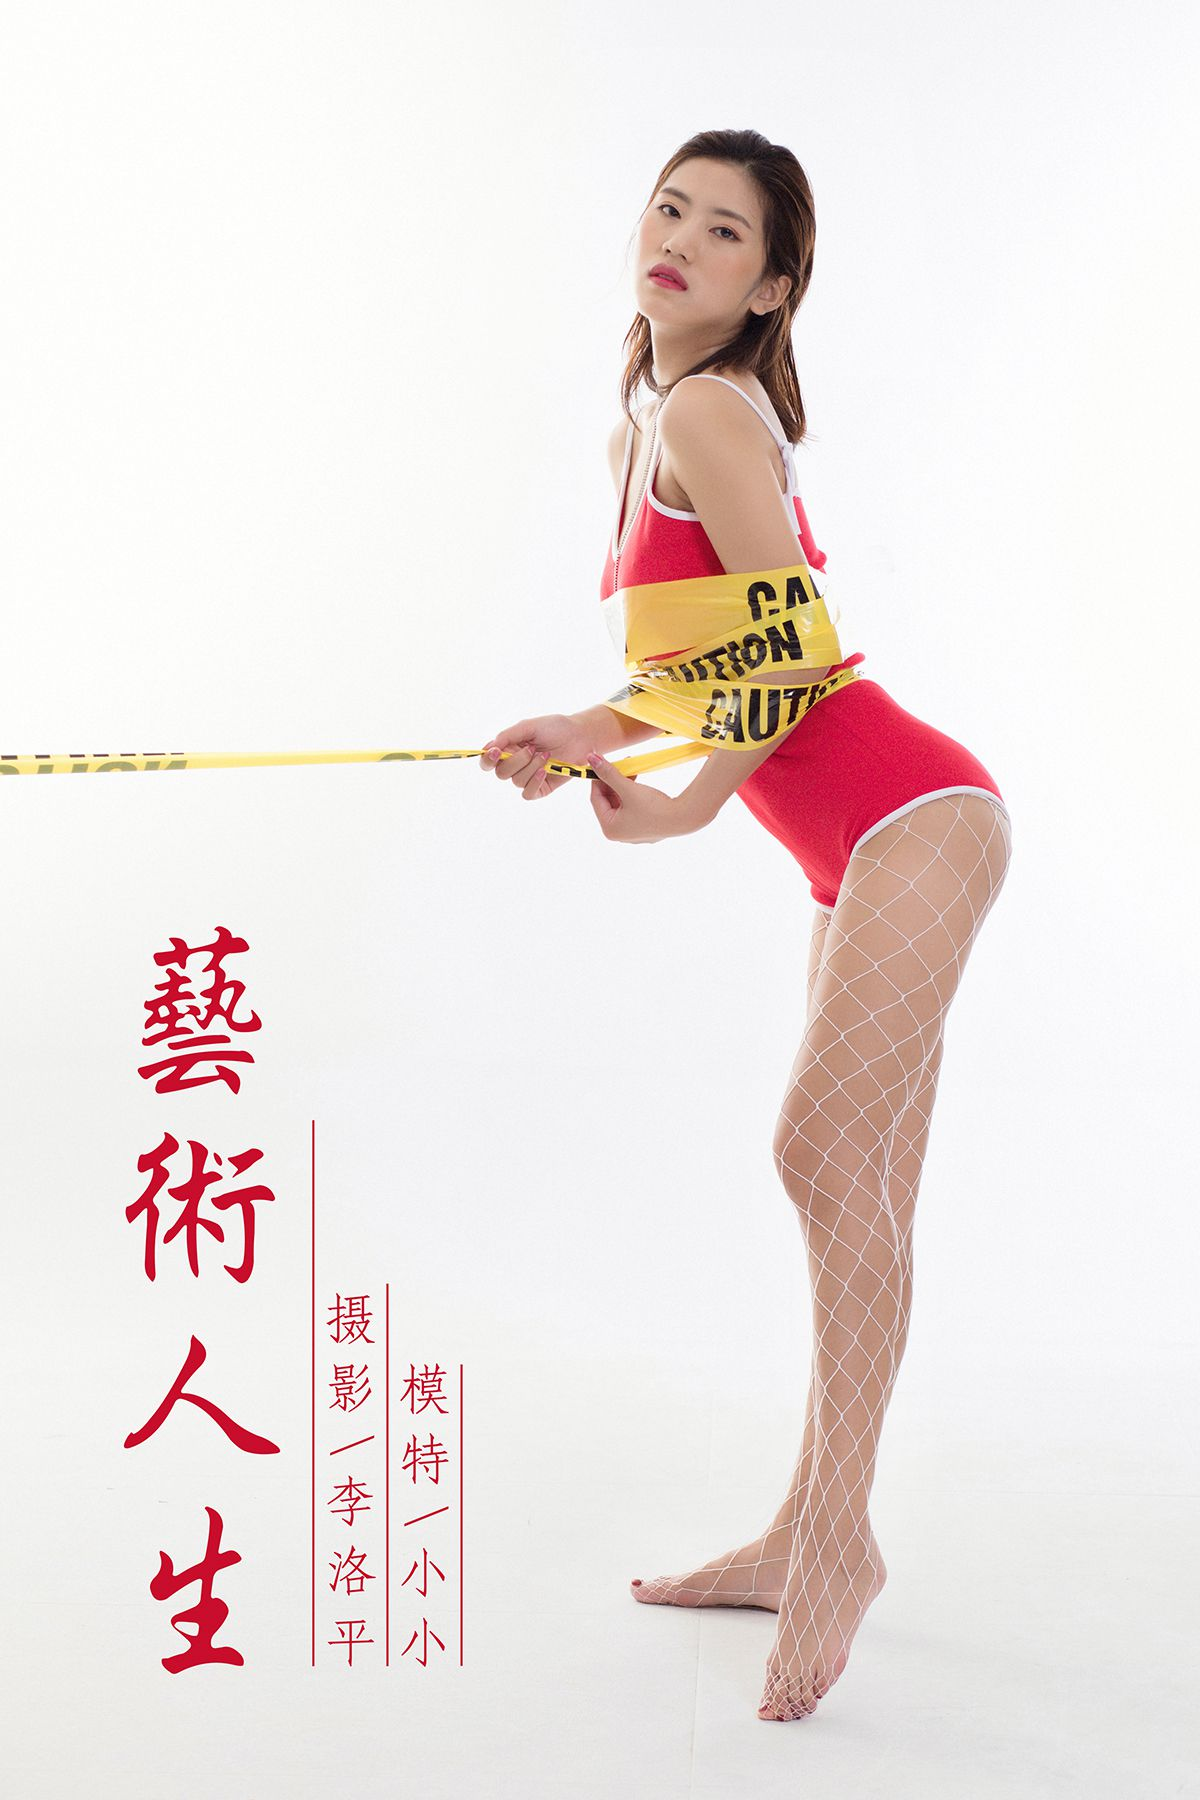 小小, YaLaYi雅拉伊 Vol.499 Xiao Xiao, YaLaYi雅拉伊 Vol.499, Xiao Xiao